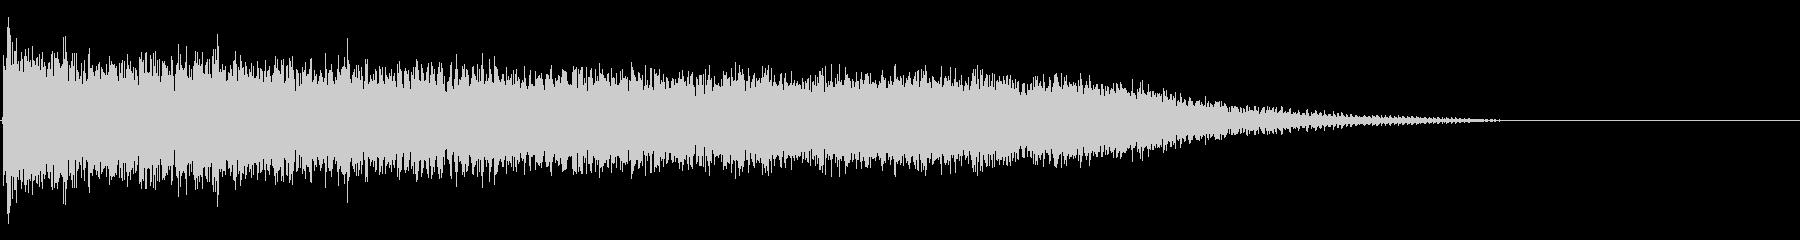 クリスタルクラッシュの未再生の波形